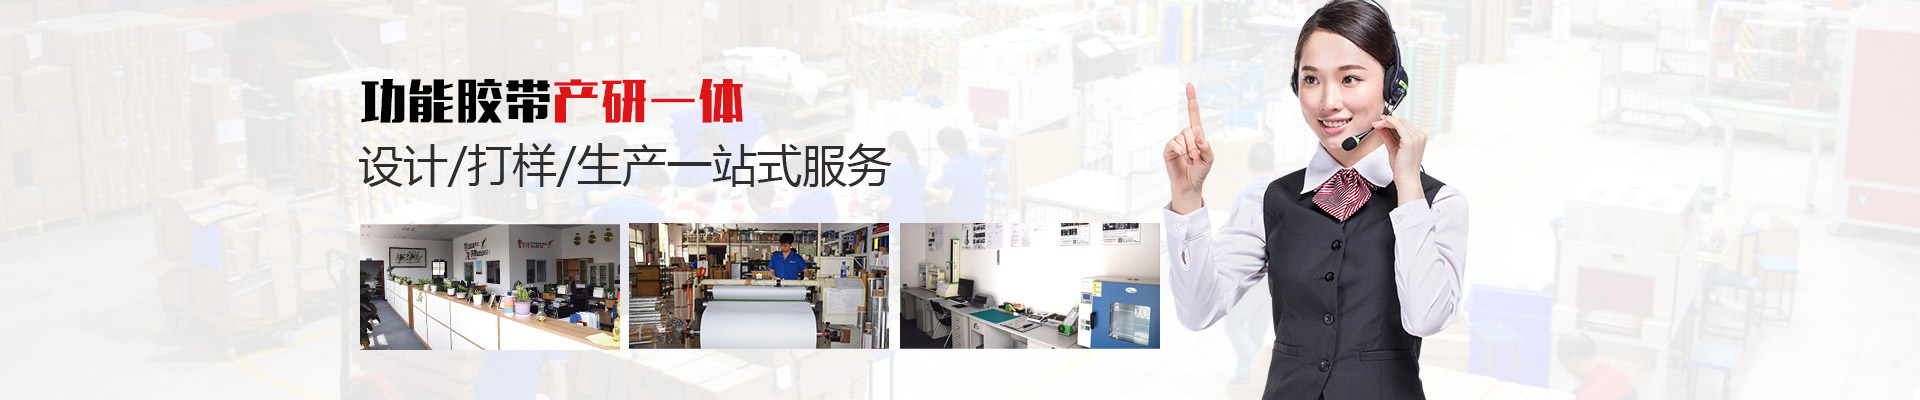 玉寰功能胶带产研一体设计/打样/生产一站式服务